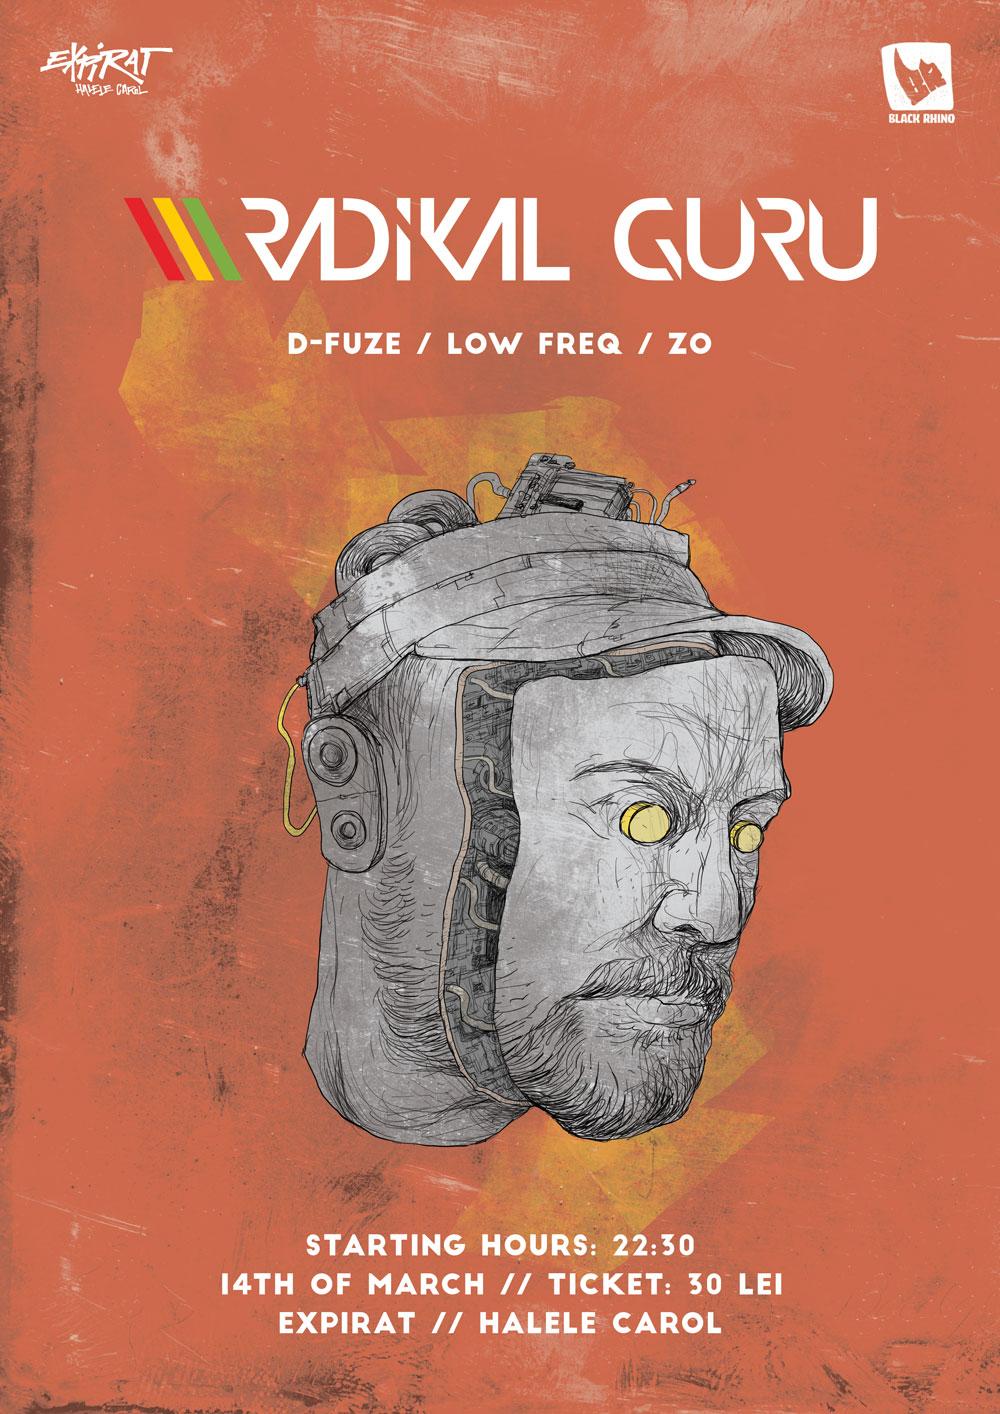 Radikal Guru (PL) @ Expirat. Poster de Robert Obert